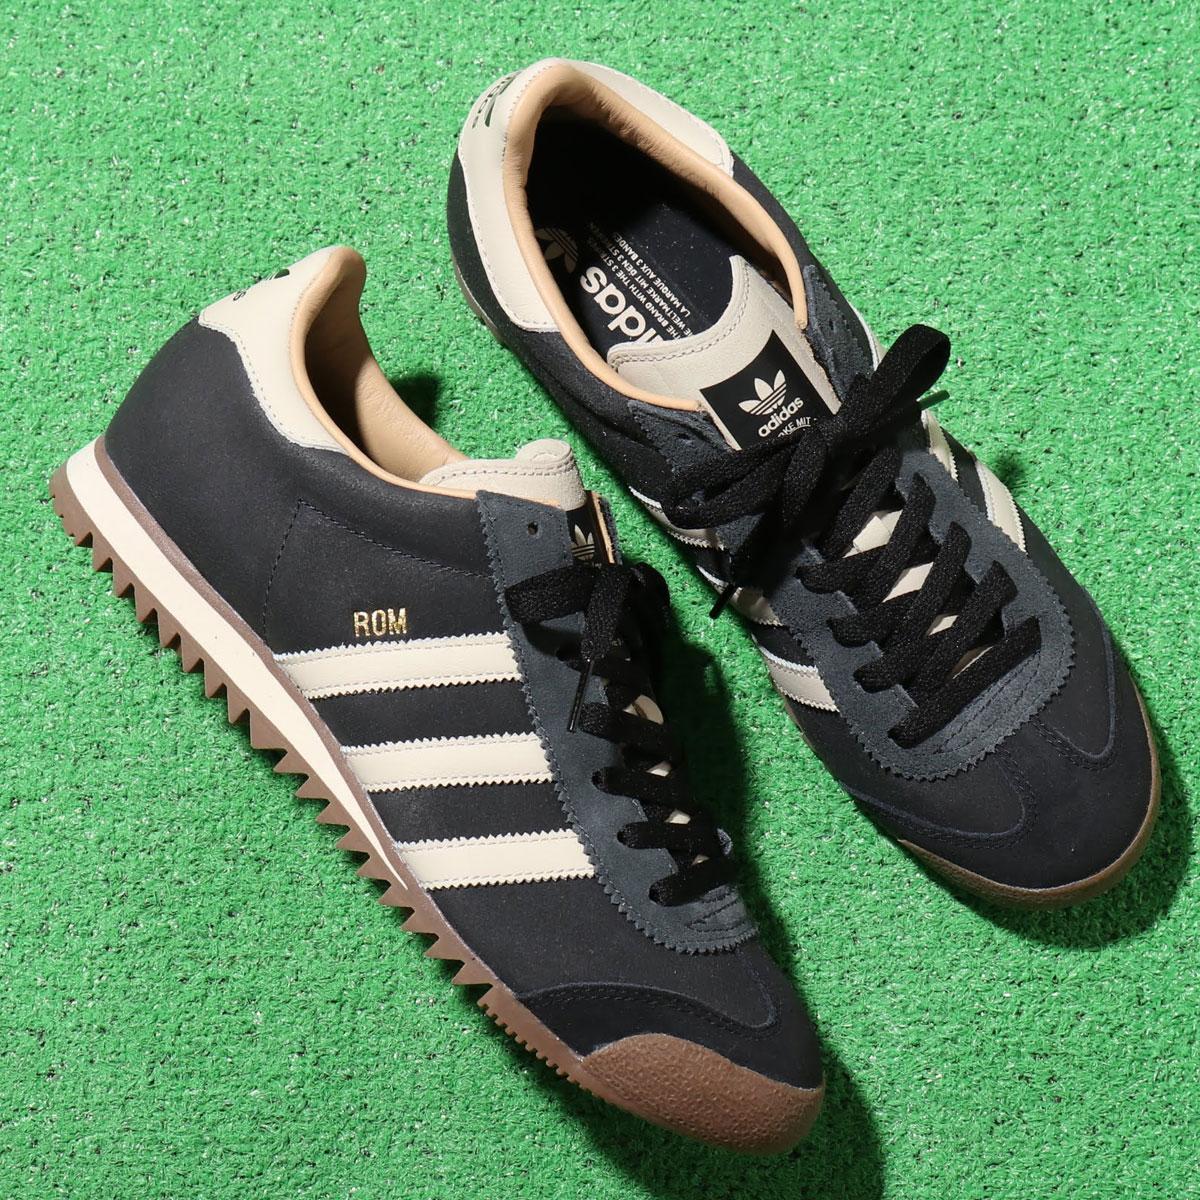 メンズ靴, スニーカー adidas Originals ROM( )CARBONCLEAR BROWNCORE BLACK 19FW-I